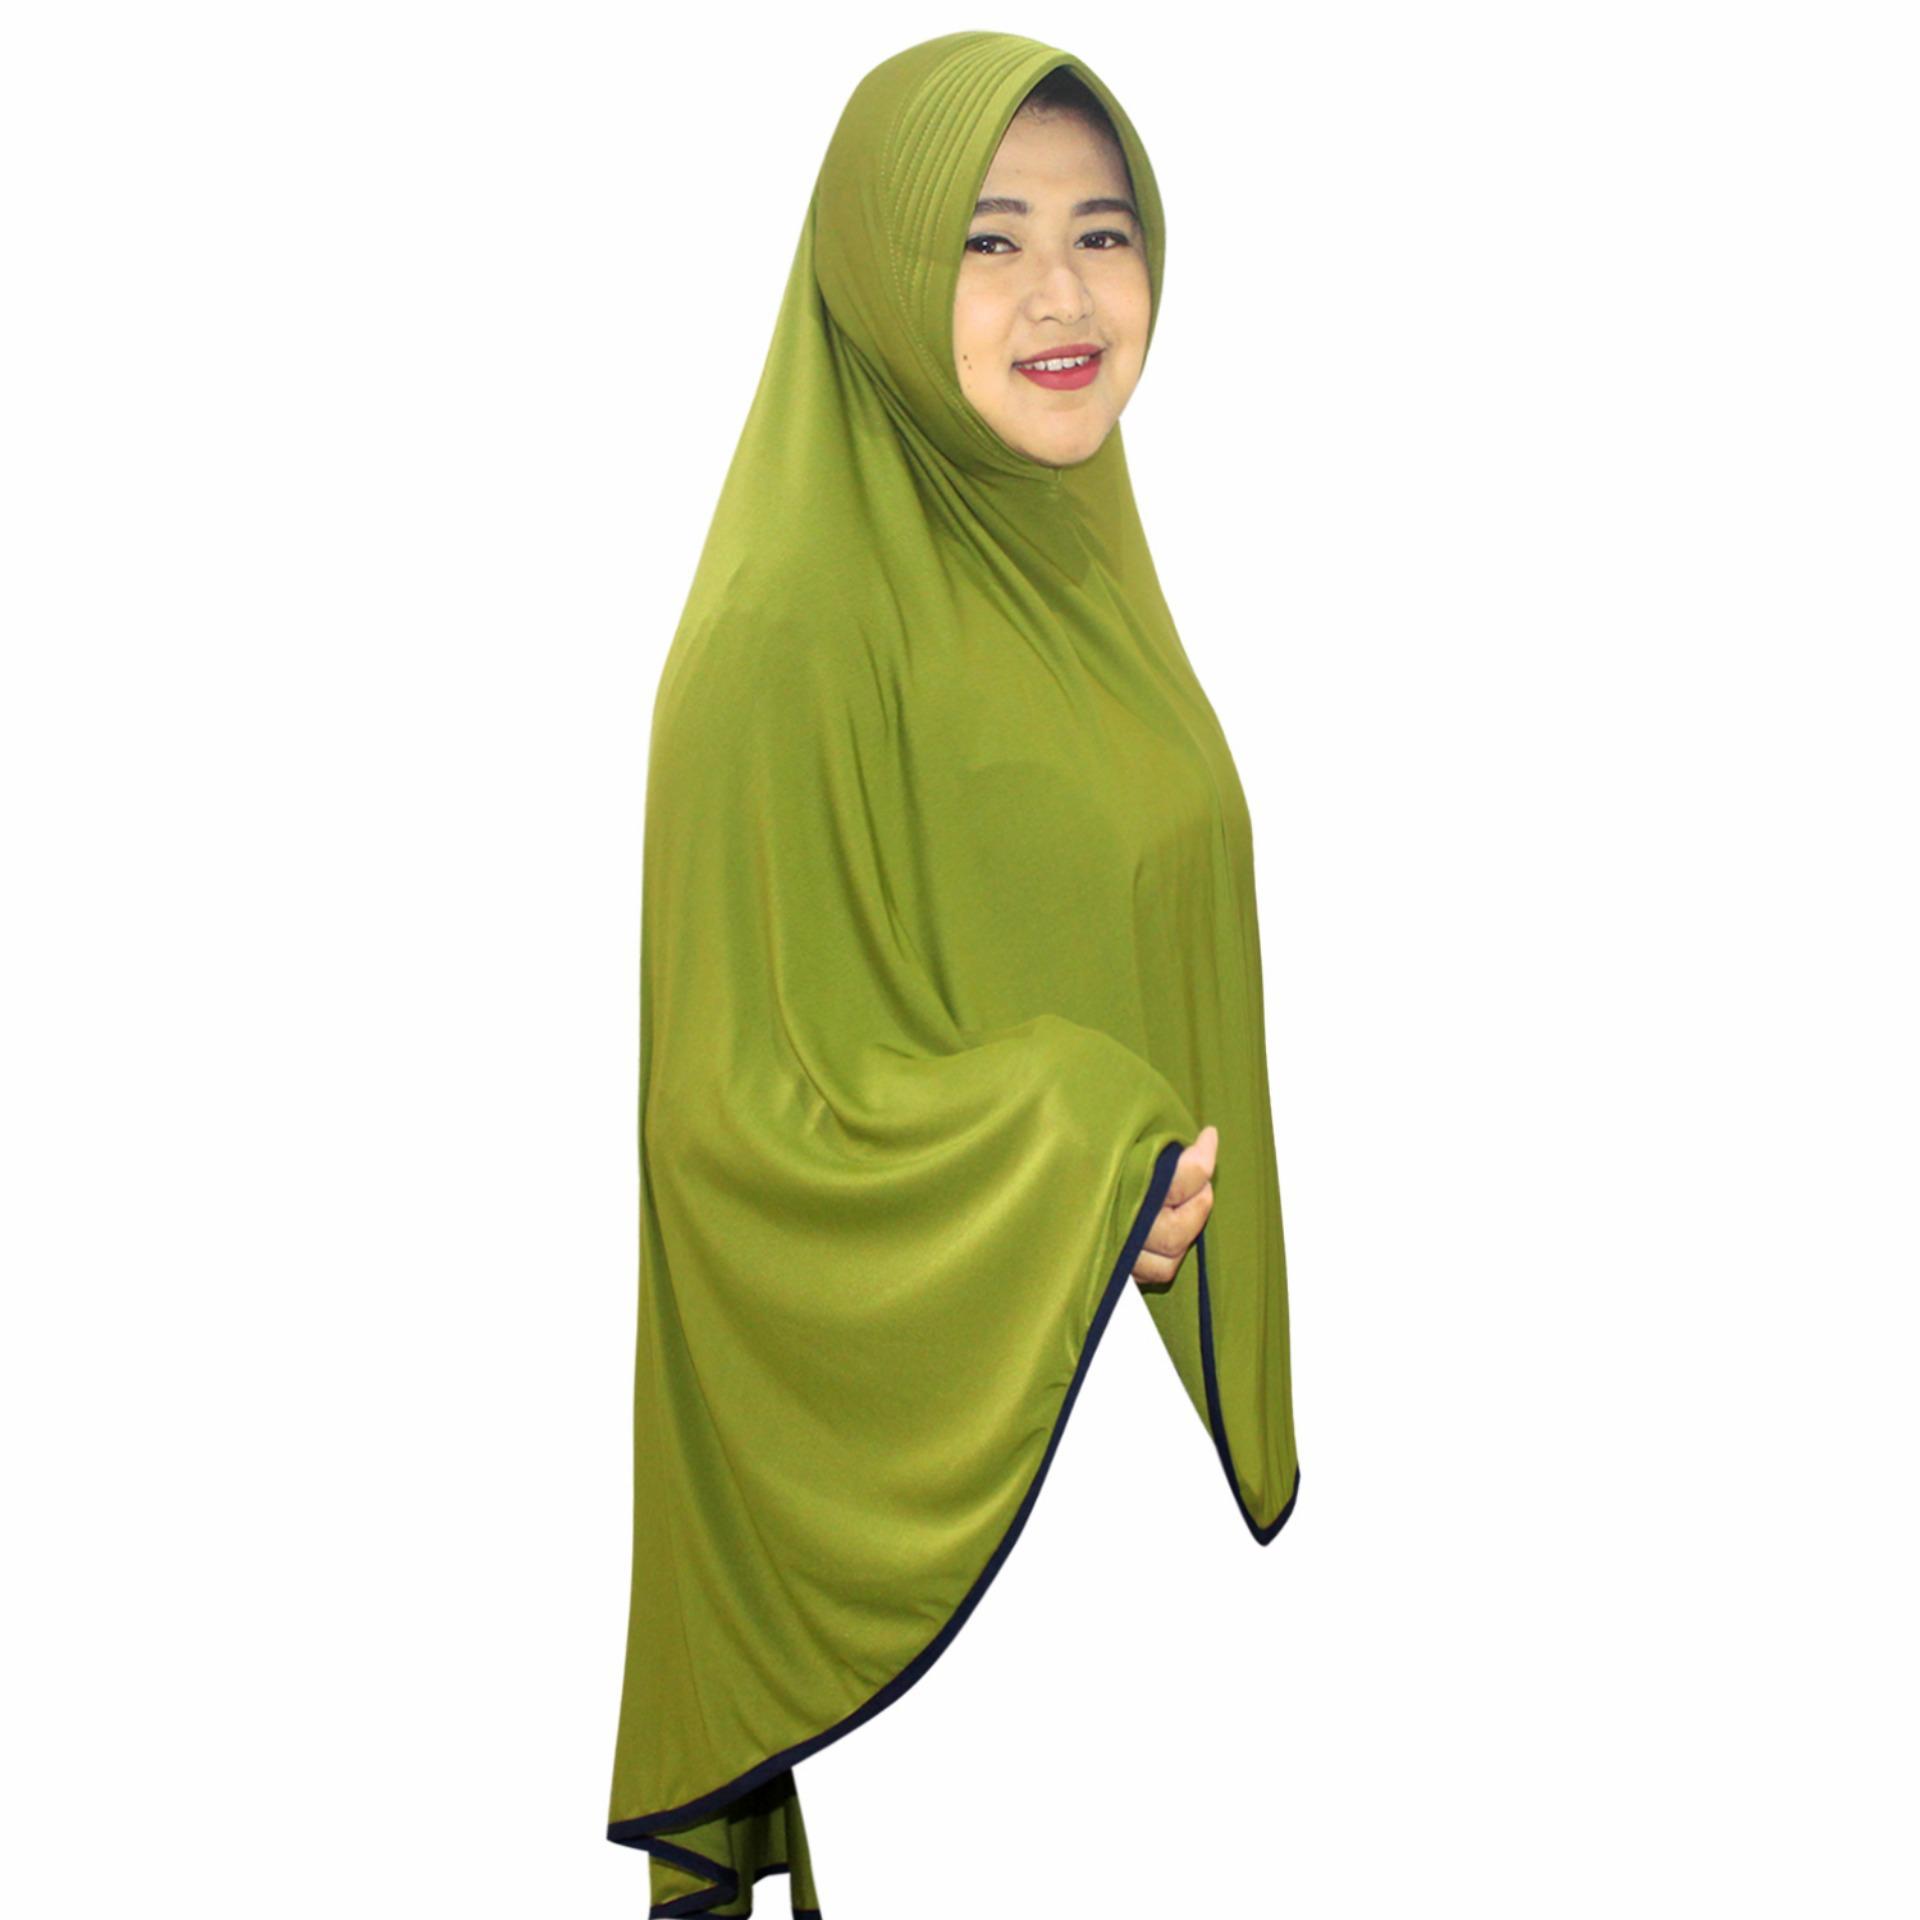 Features Khimar Bergo Hijab Jilbab Syari Ainun Dan Harga Terbaru Syar I Farida Instan Panjang